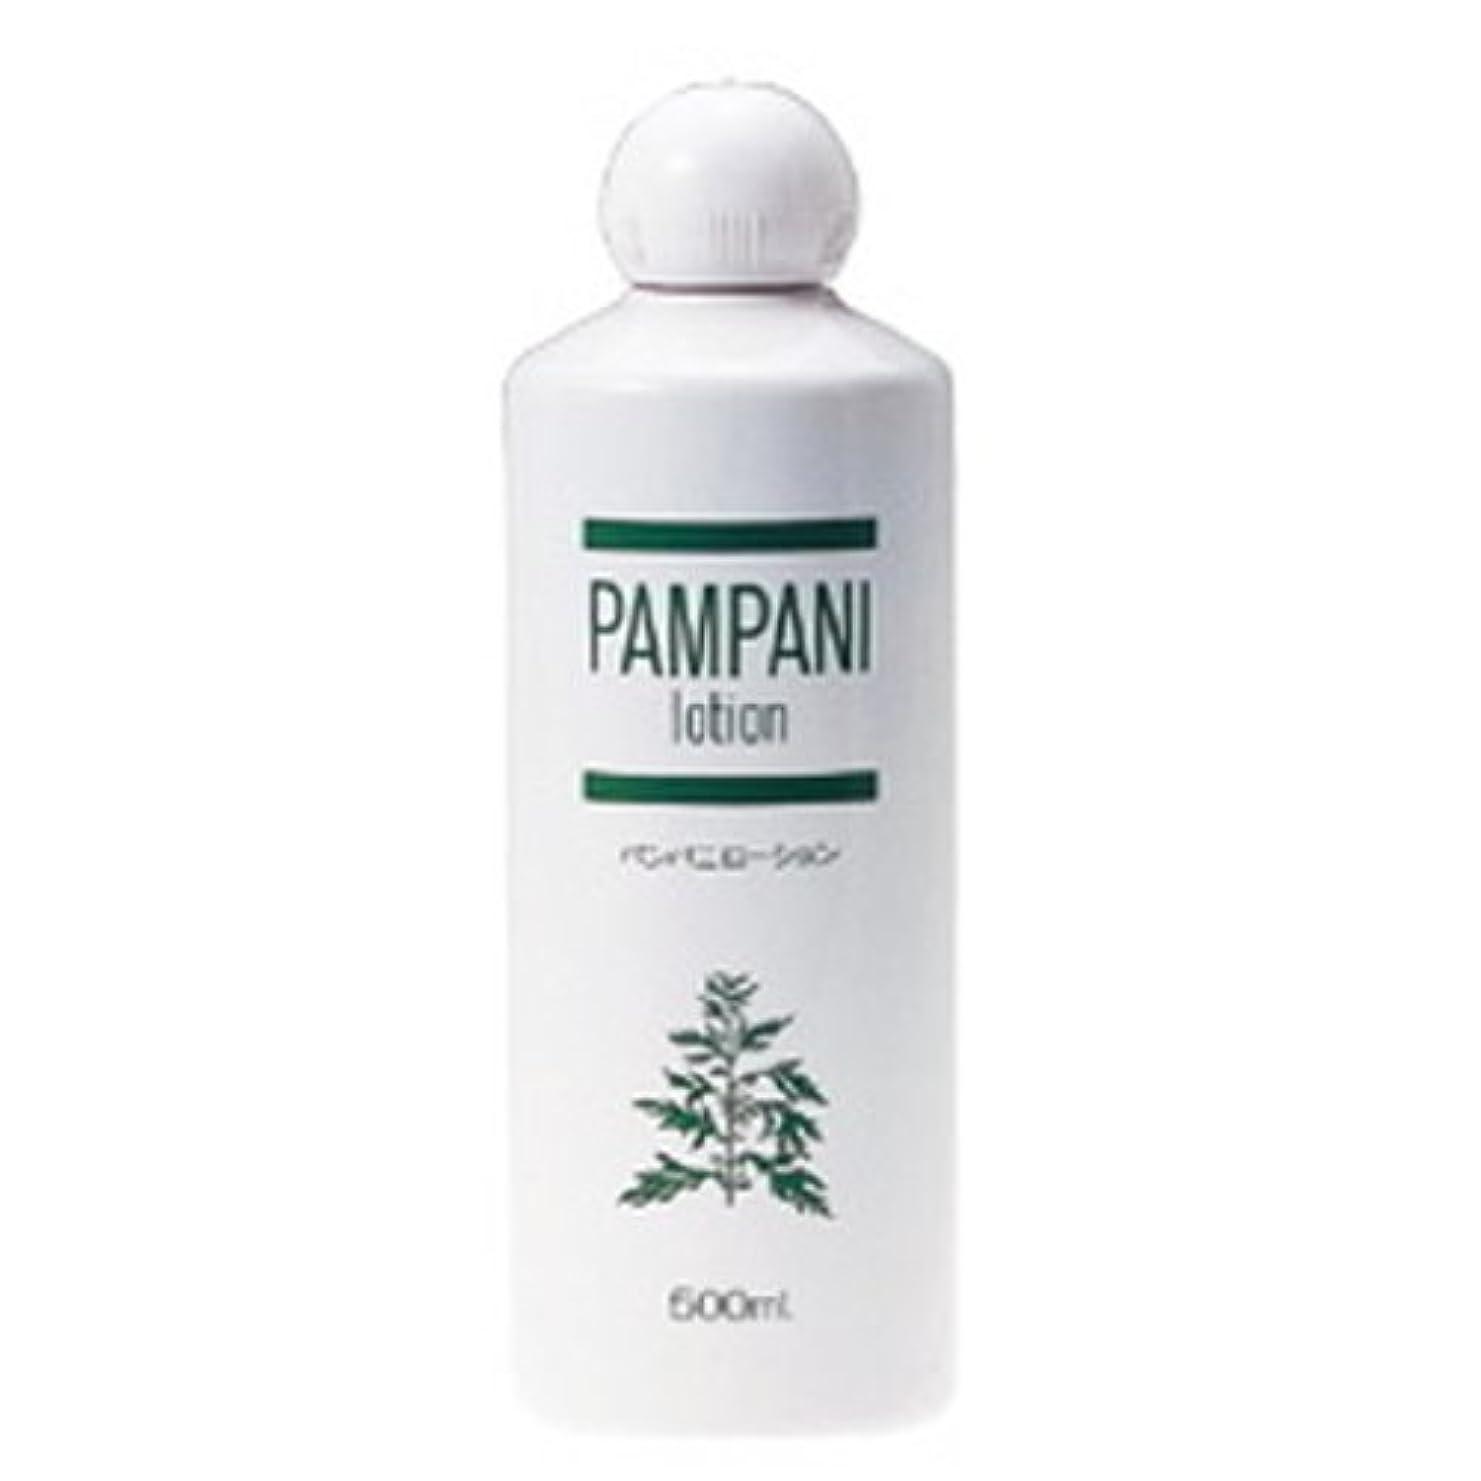 パンパニ(PAMPANI) ローション 500ml